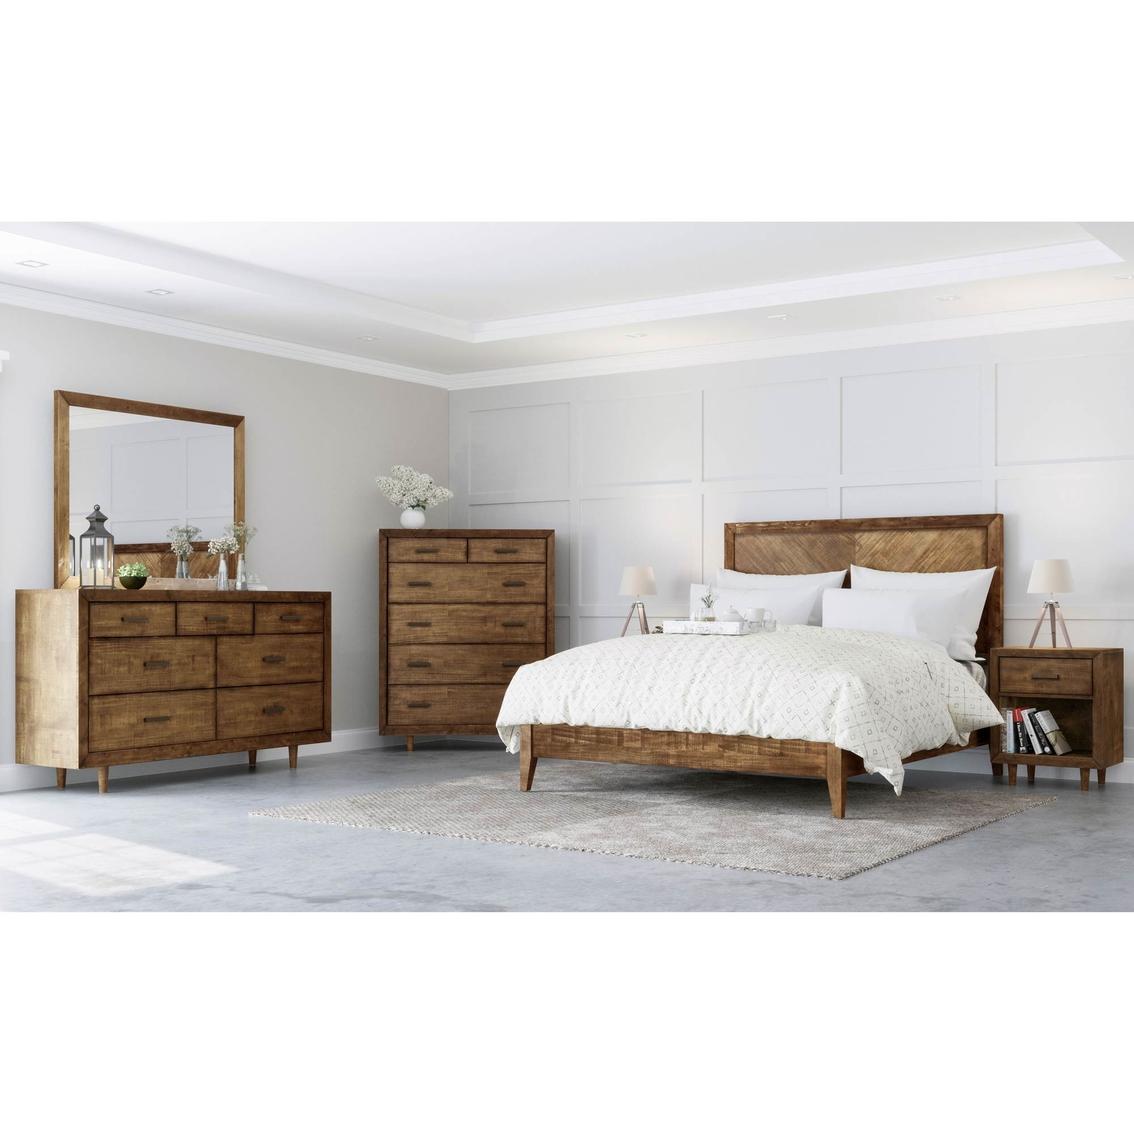 Abbyson Karen Mid Century 6 Pc. Bedroom Set | Bedroom Sets ...